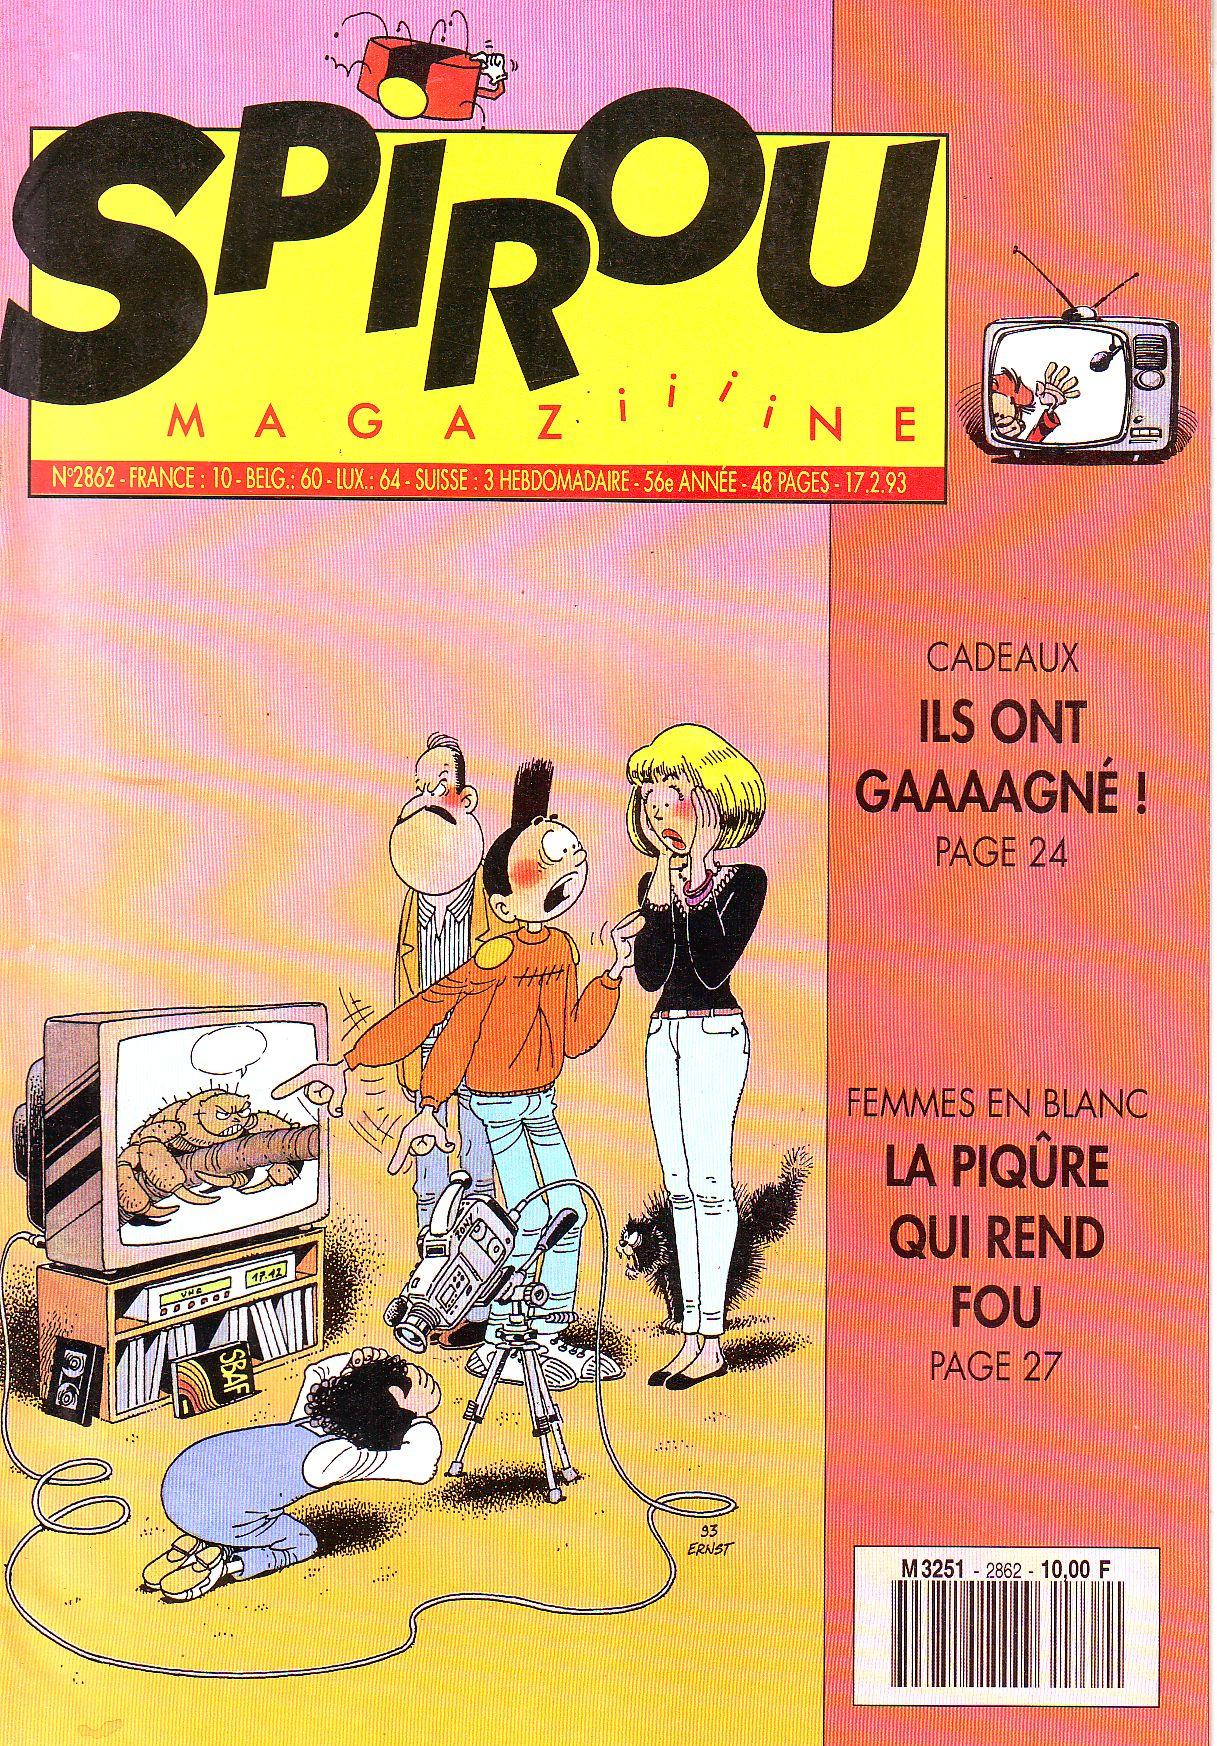 Le journal de Spirou 2862